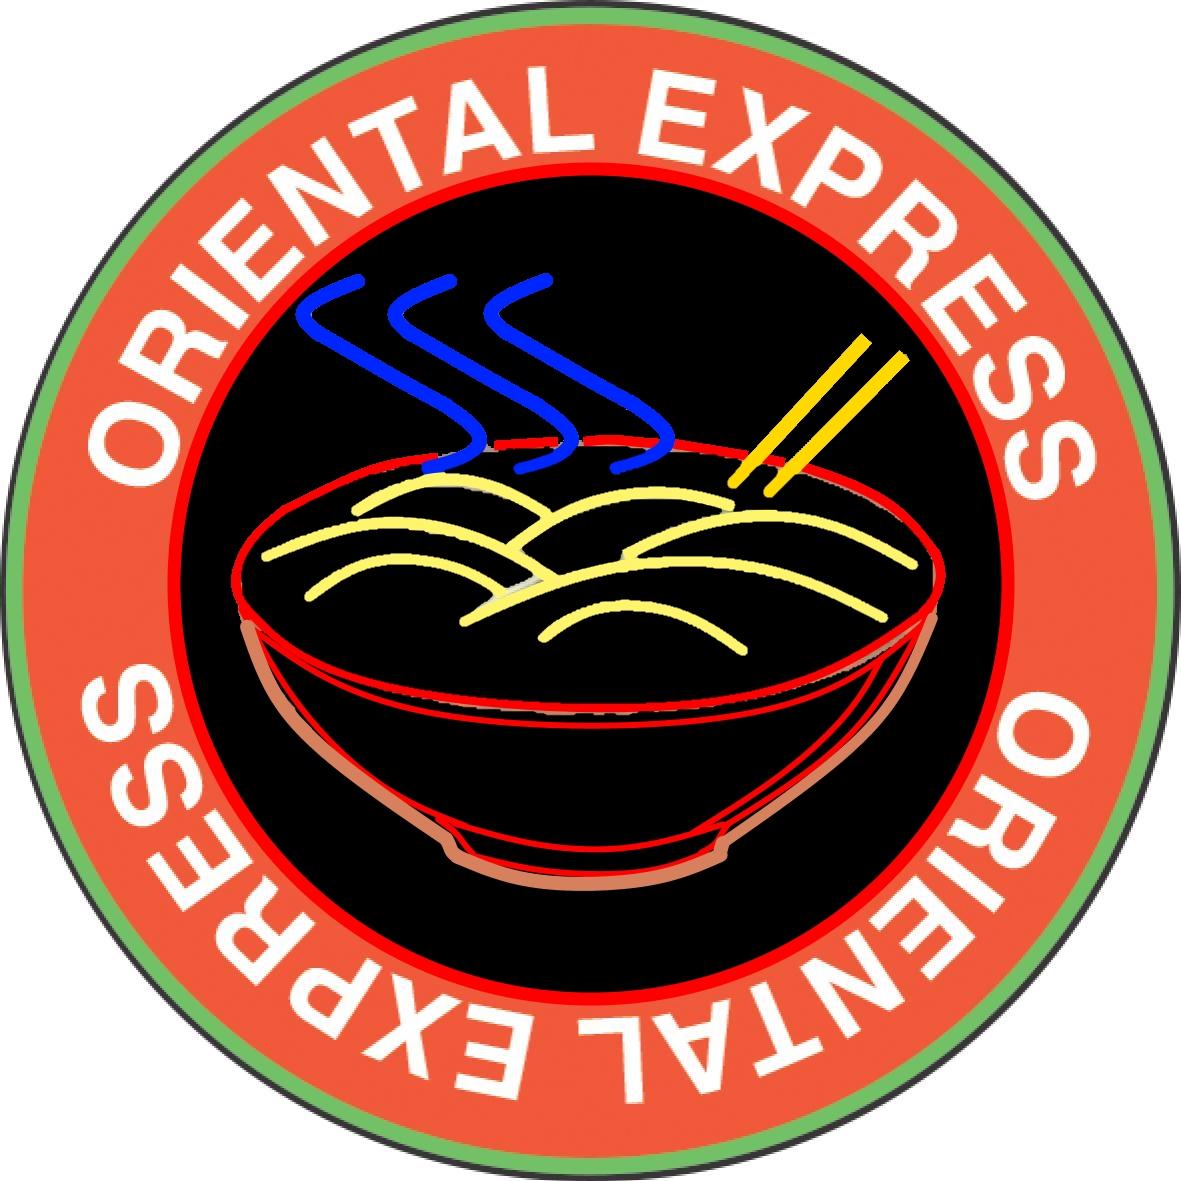 Работа в компании «ORIENTAL EXPRESS КАФЕ-БАР» в Москвы